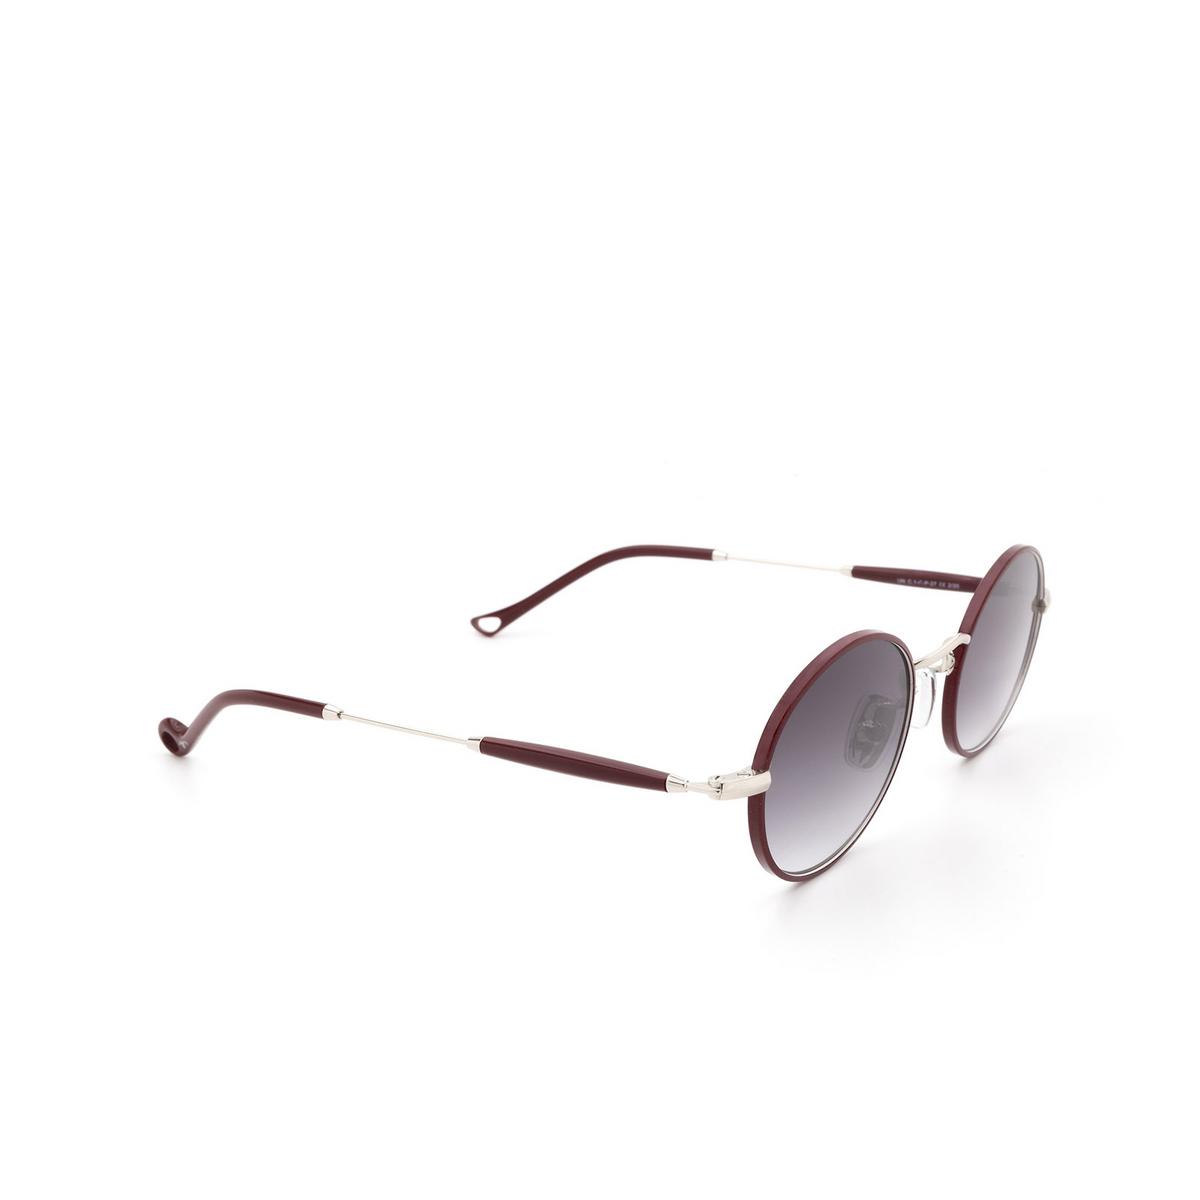 Eyepetizer® Round Sunglasses: Un color Bordeaux C.1-C-P-27 - three-quarters view.